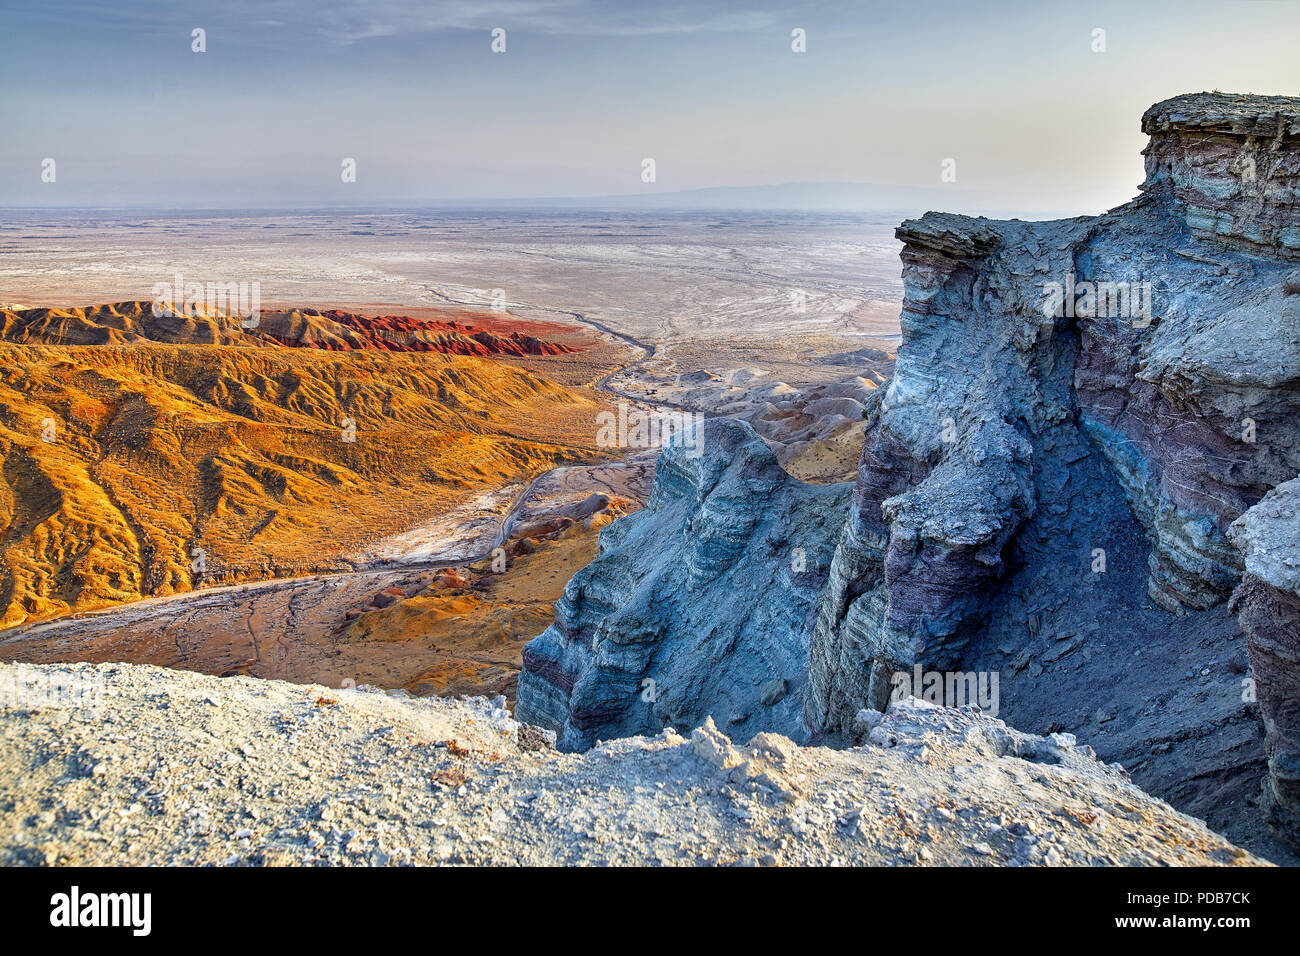 Vista aérea de extrañas montañas superpuestas en el parque desierto Emel Altyn en Kazajstán Foto de stock